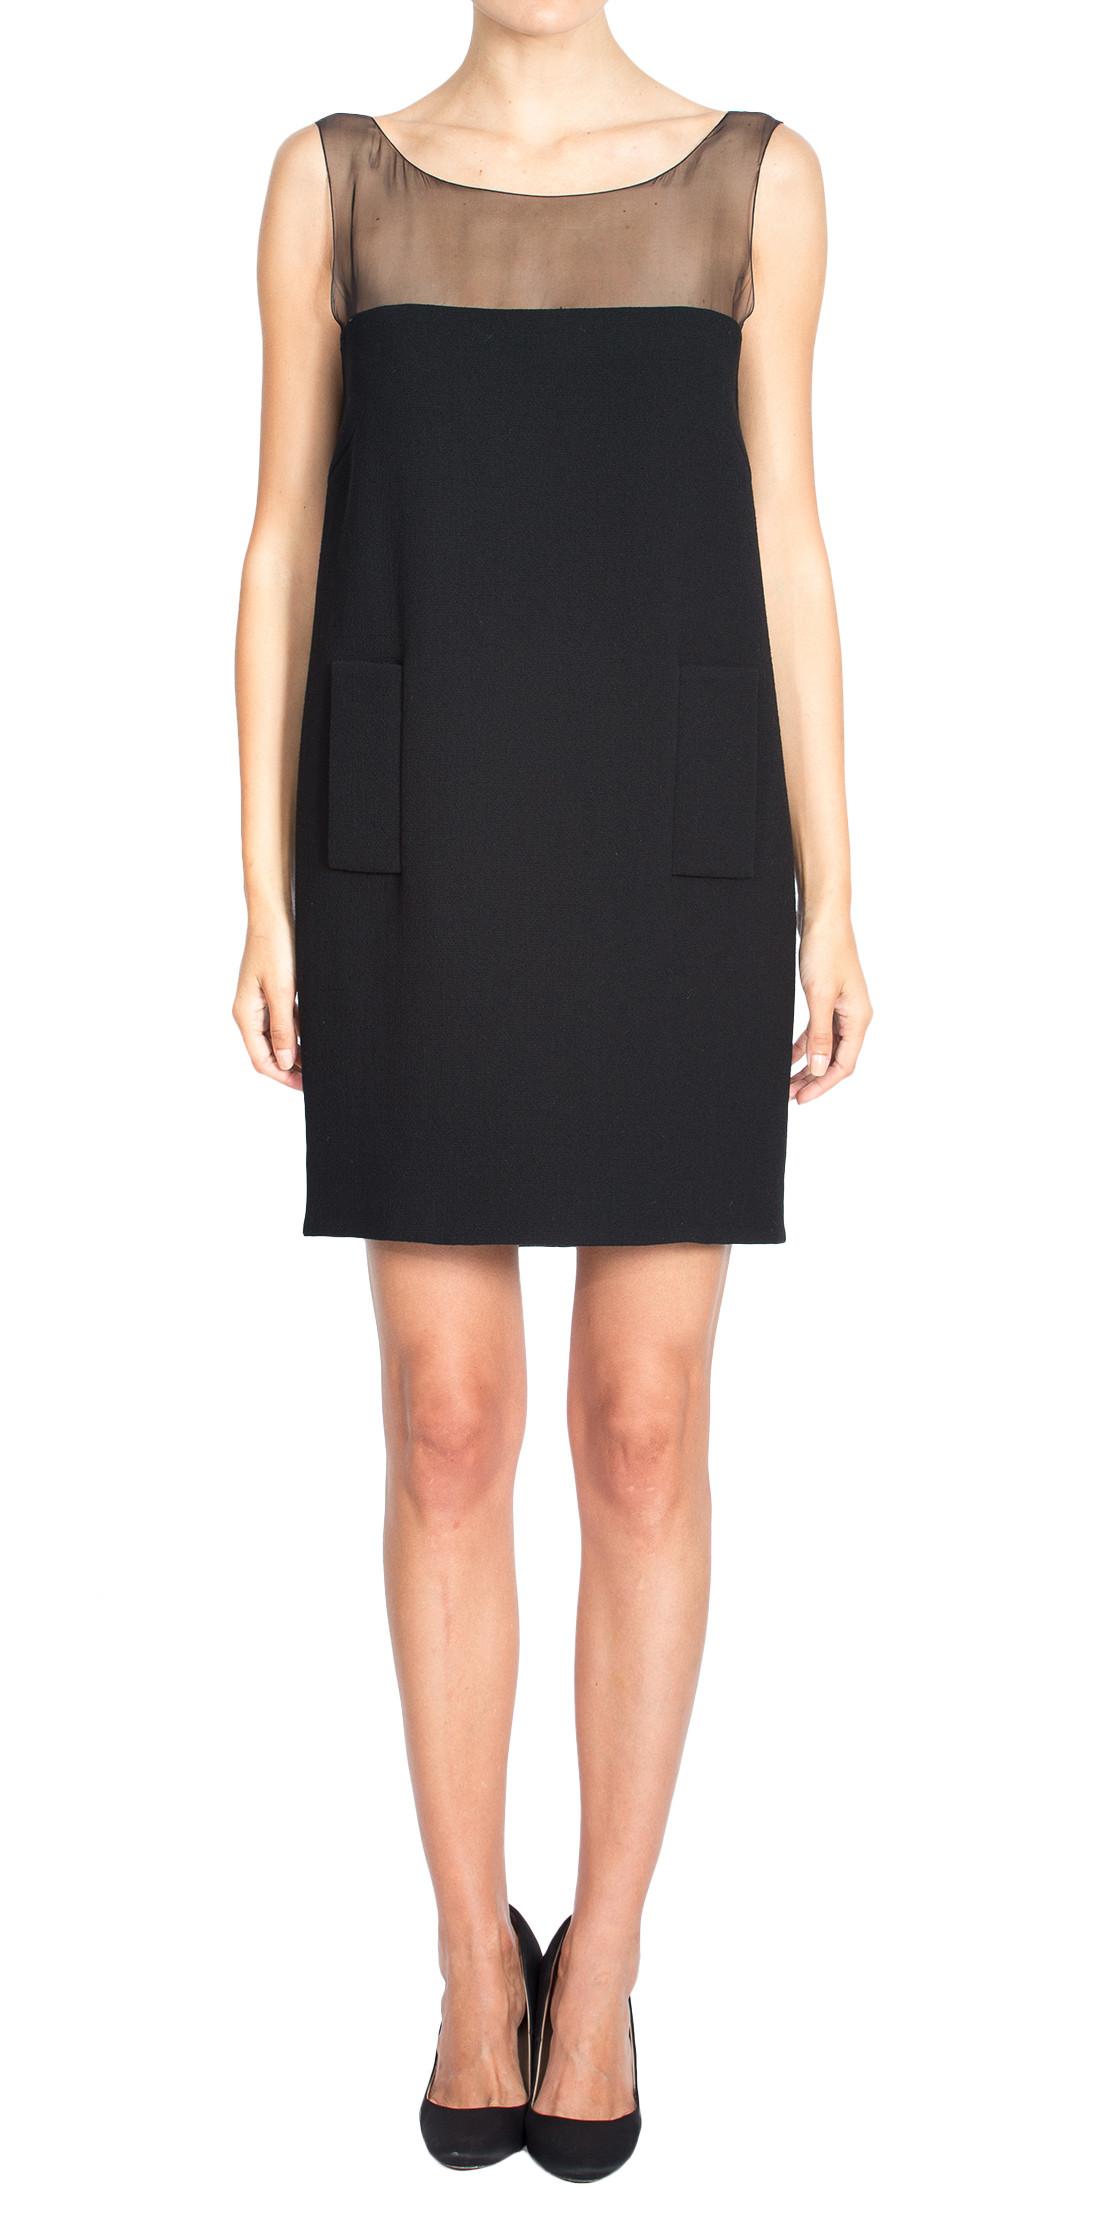 Andrew GN Sheer Sleeveless Dress